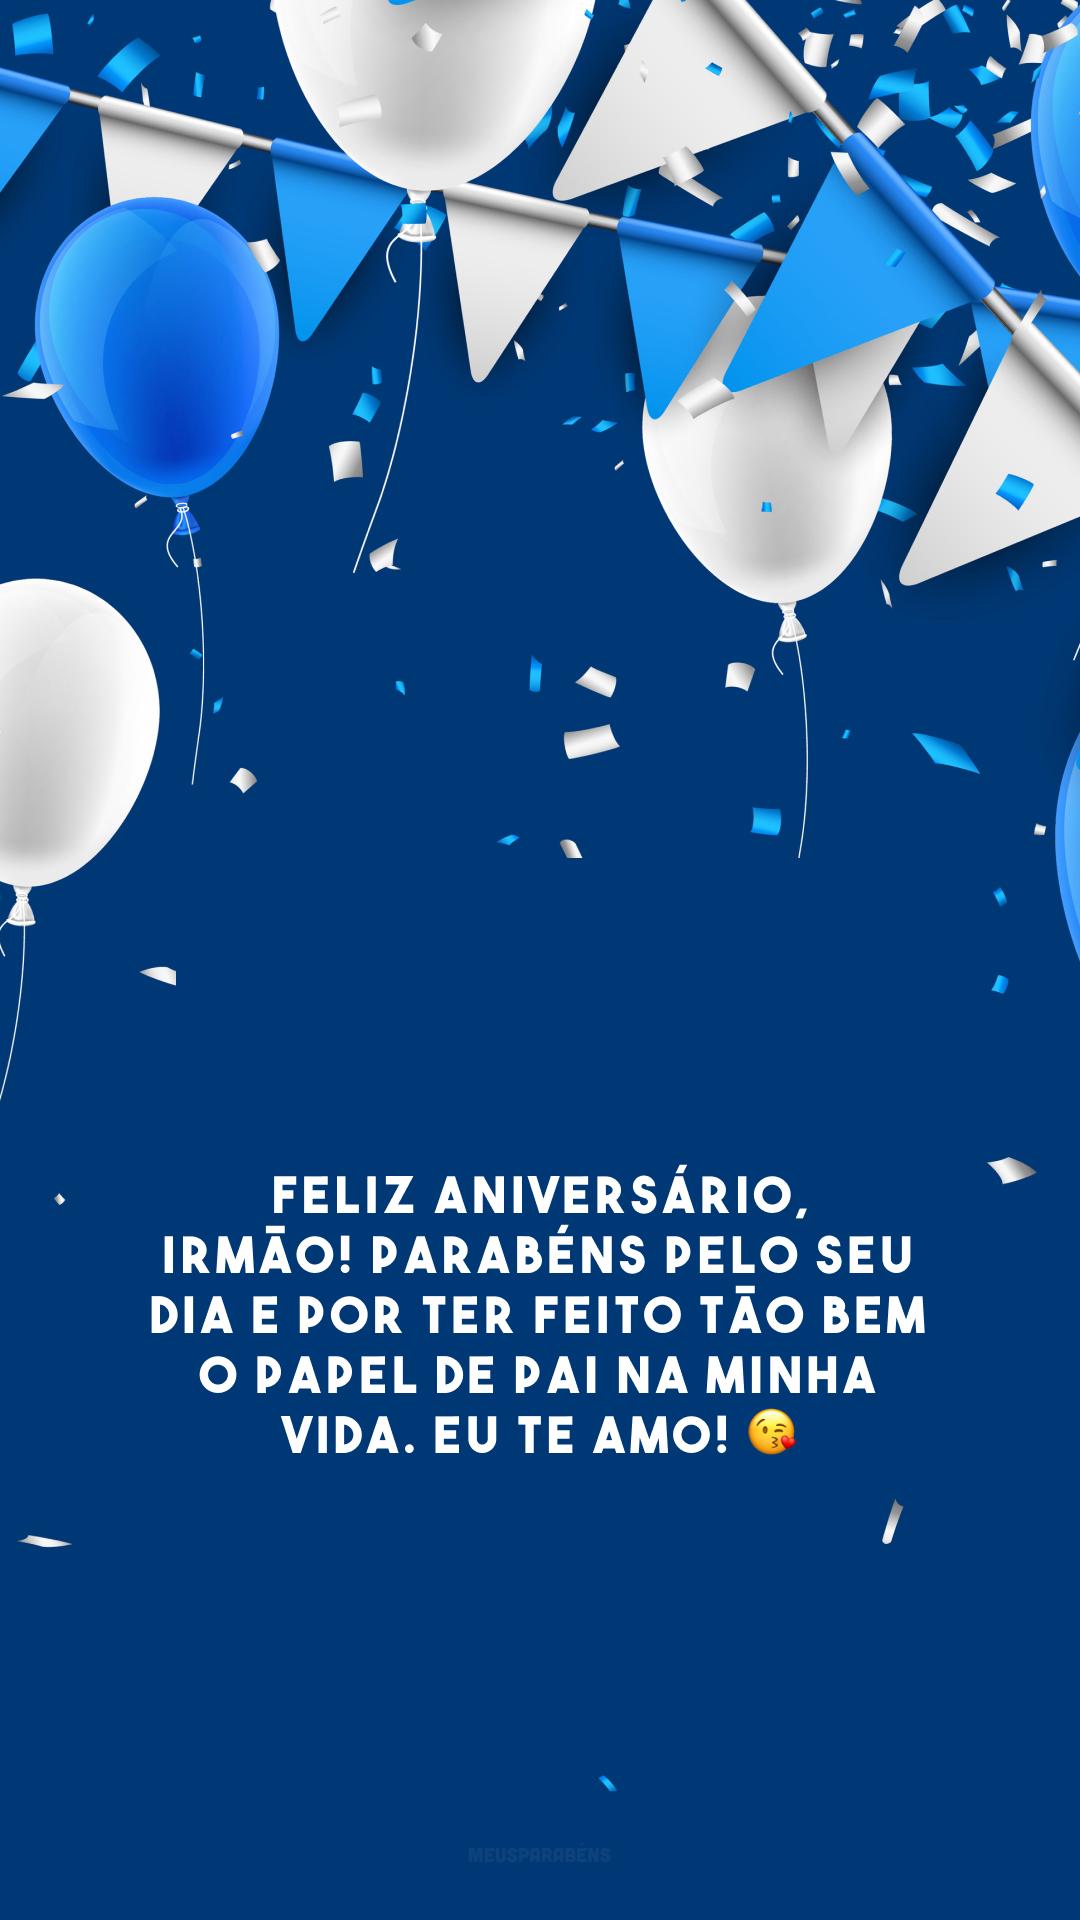 Feliz aniversário, irmão! Parabéns pelo seu dia e por ter feito tão bem o papel de pai na minha vida. Eu te amo! 😘